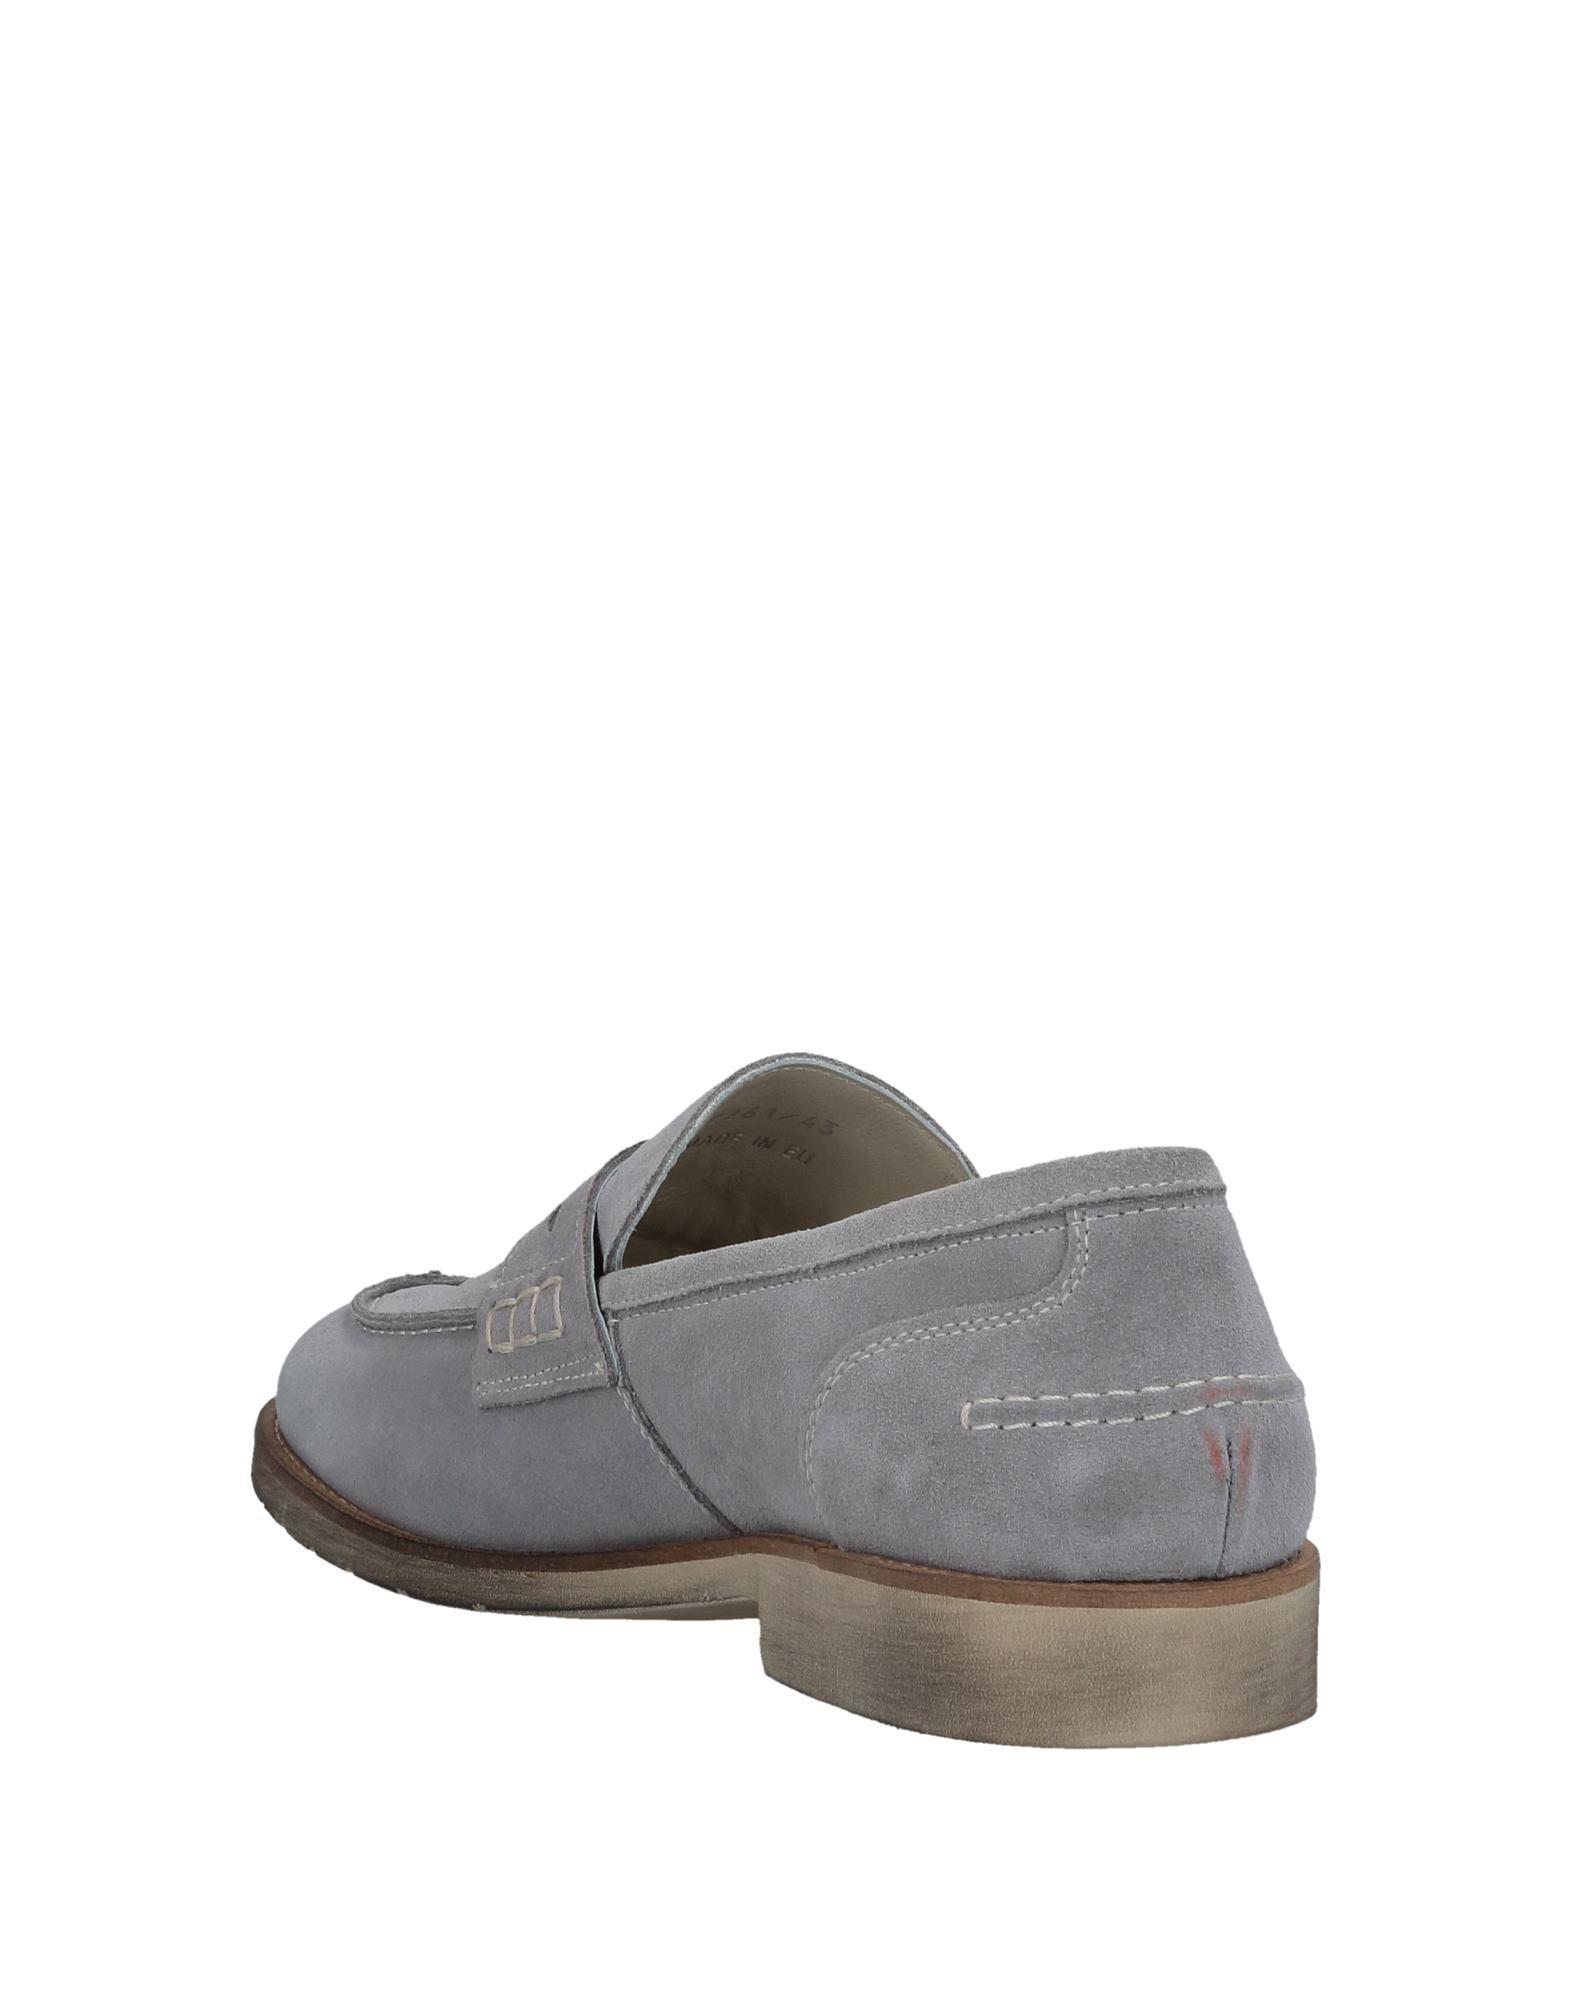 Rabatt echte Schuhe Mokassins Redstone Mokassins Schuhe Herren  11520855ED 38e291